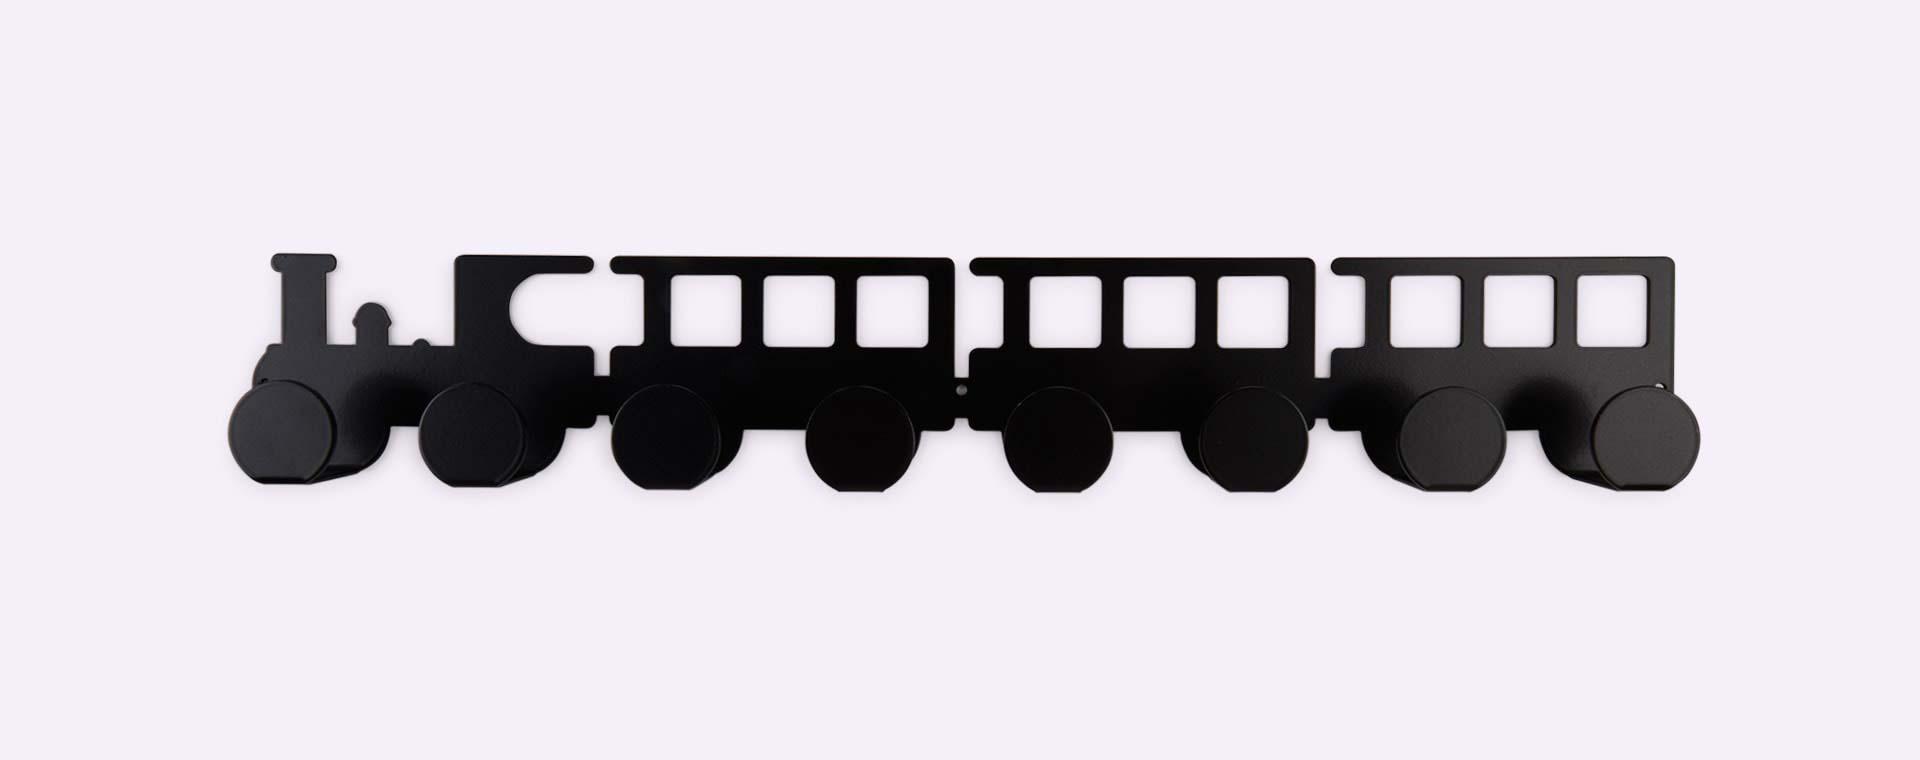 Black Tresxics Train Wall Hanger